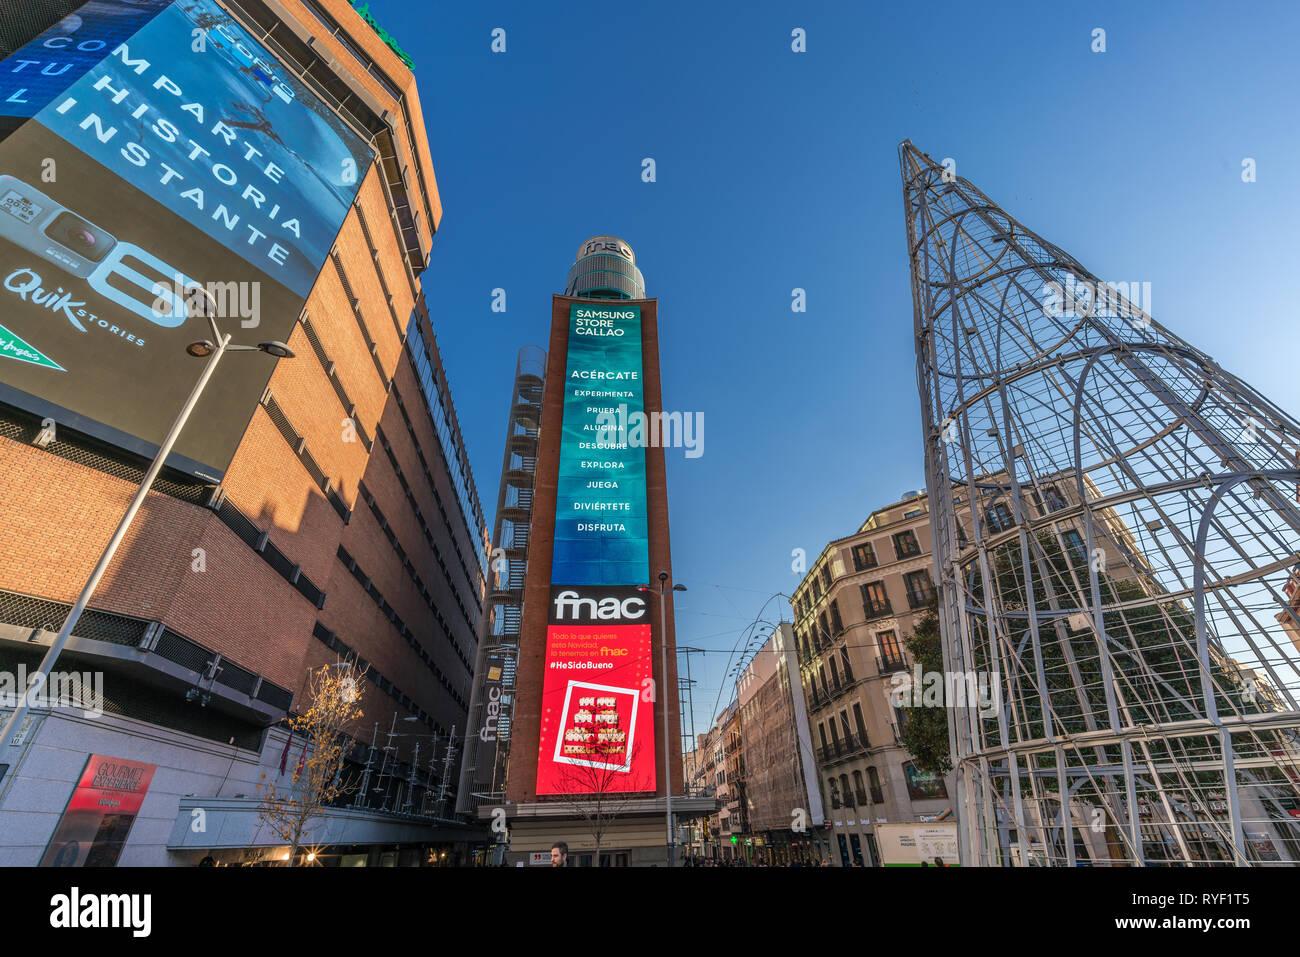 Madrid, Espagne - 20 décembre 2017: la rue Preciados et arbre de Noël Callao Square Centre-ville de Madrid. Capitale et plus grande ville d'Espagne. Photo Stock